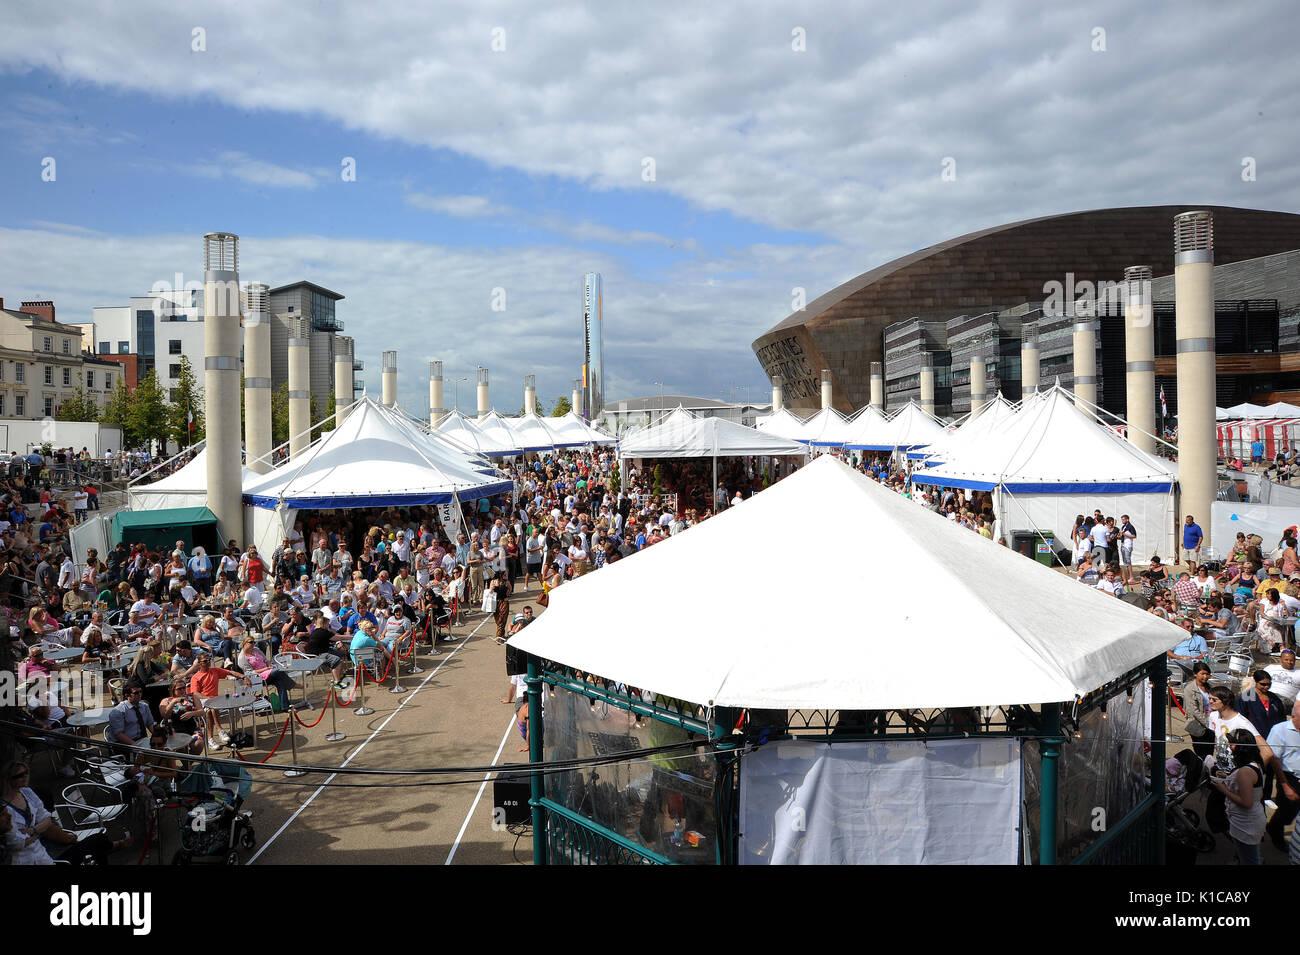 Cardiff Food Festival Roath